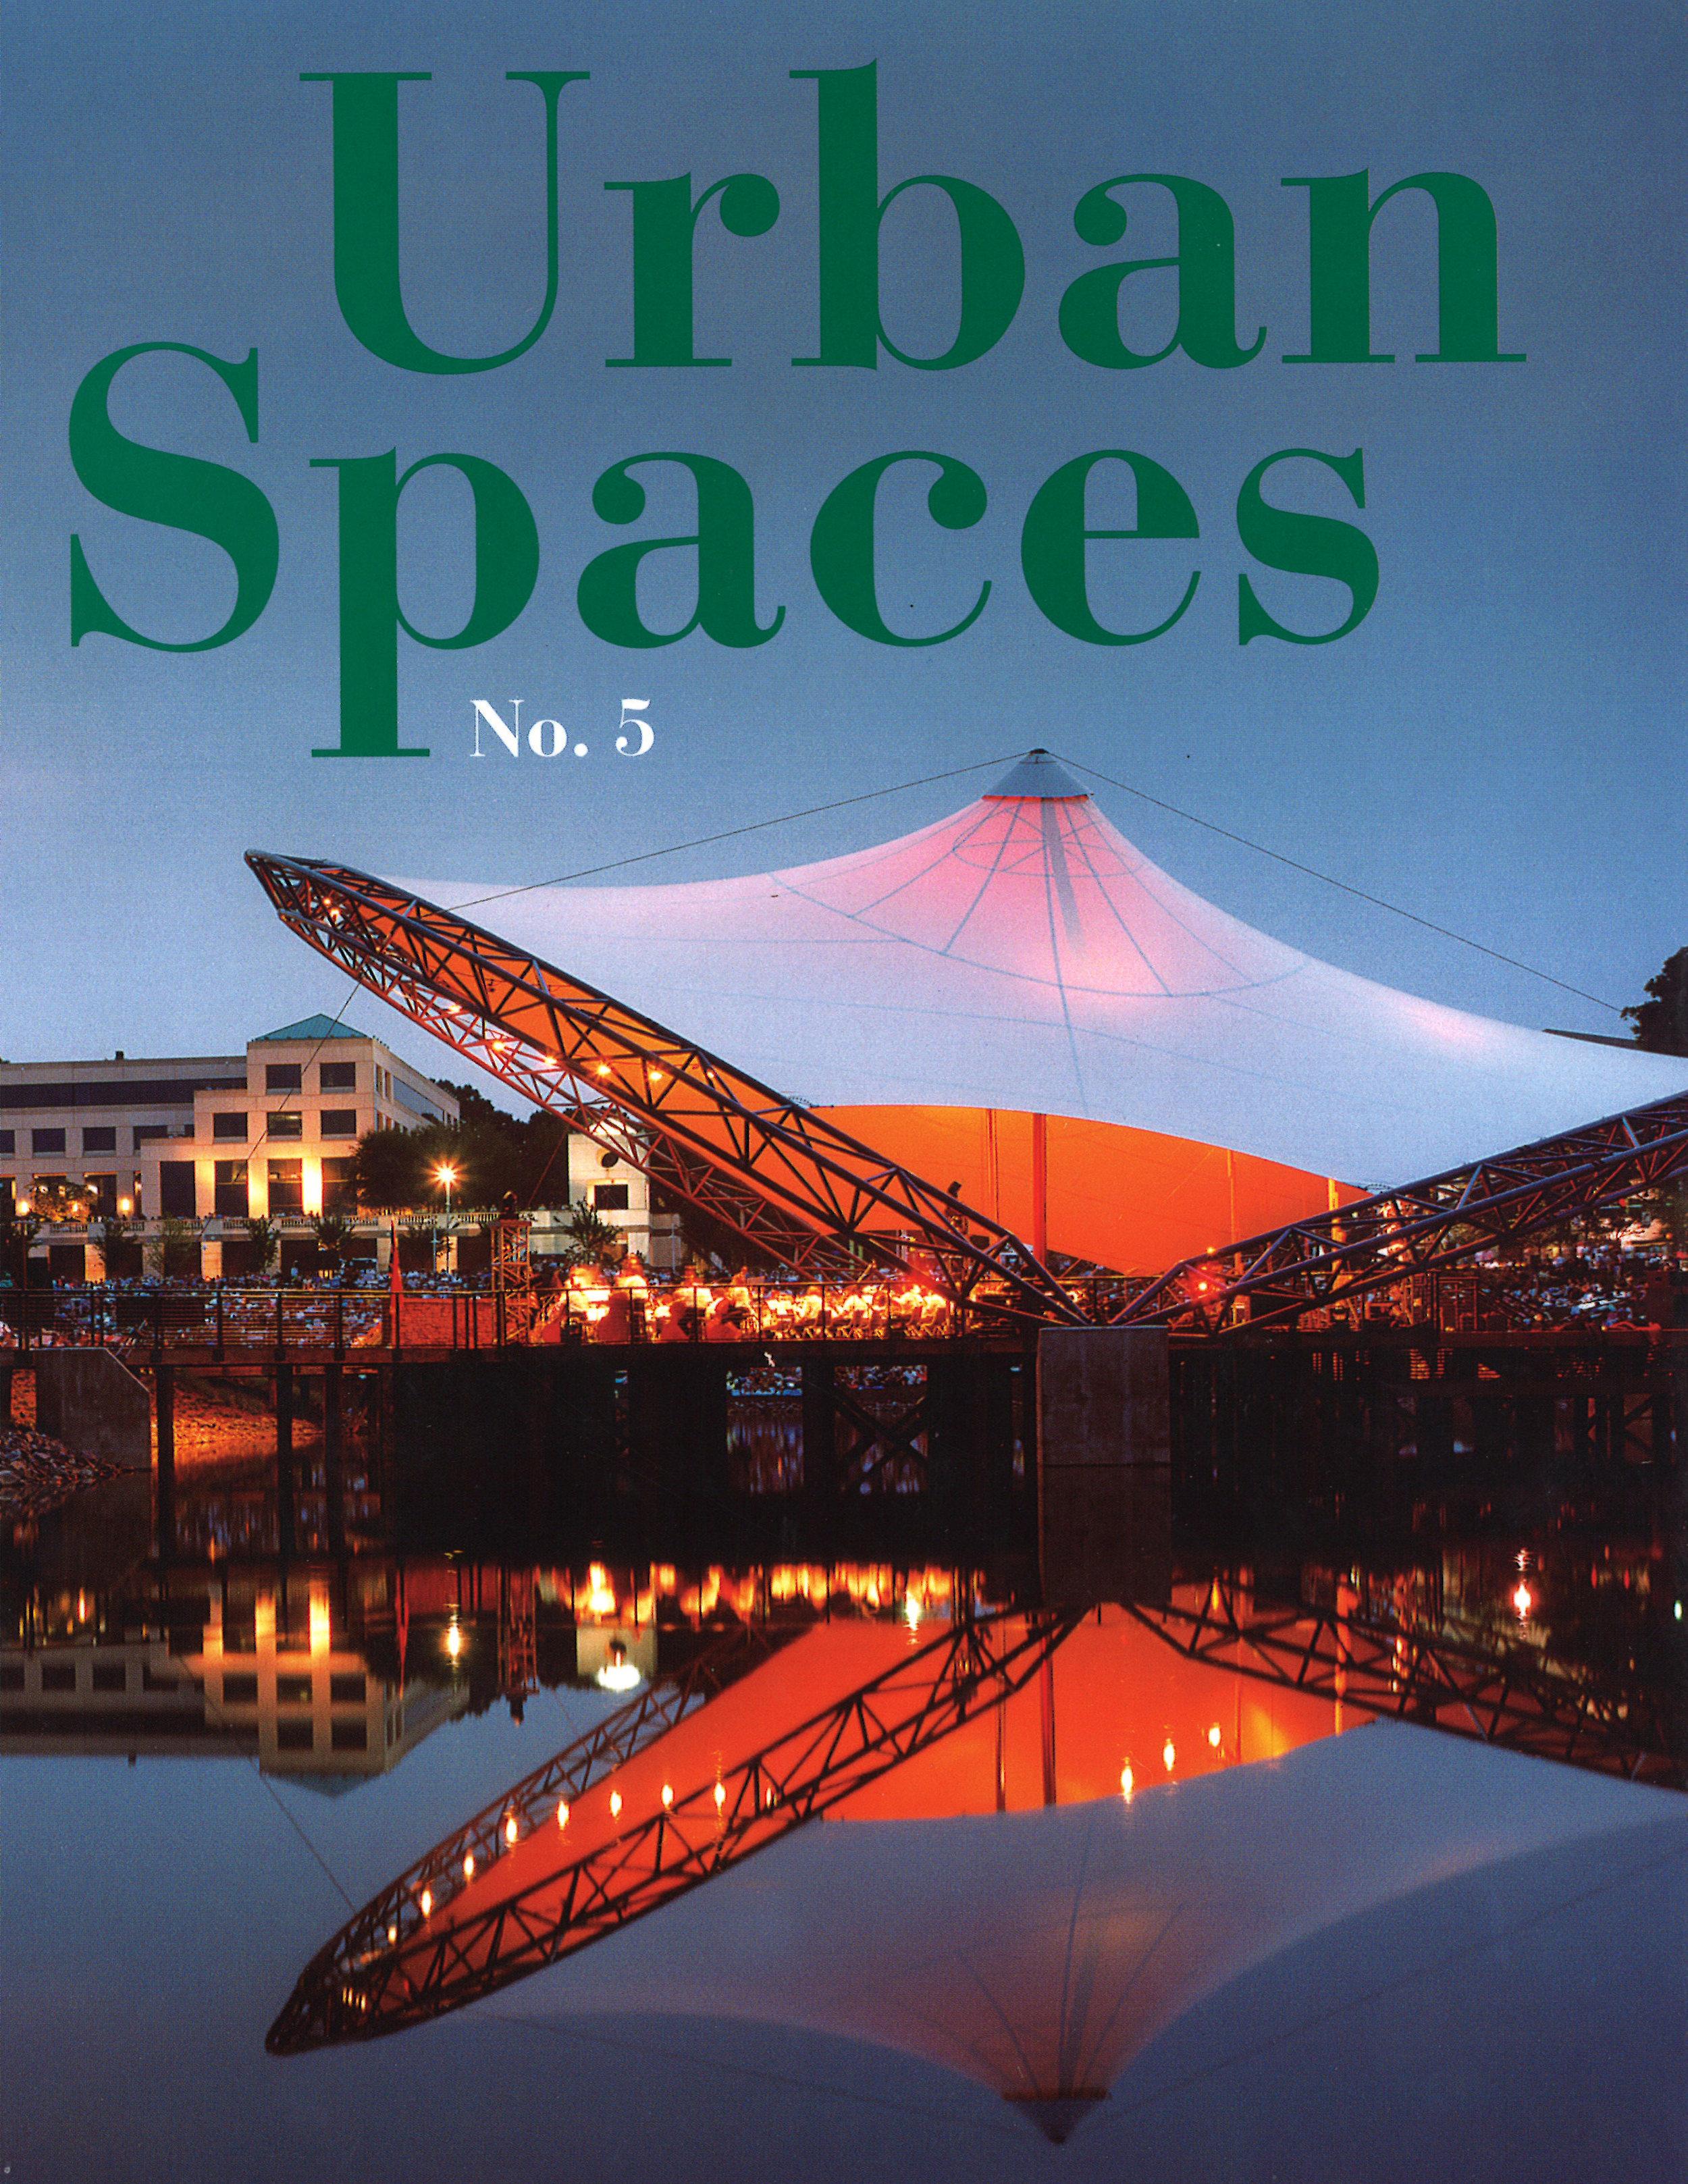 urban-spaces-no.5